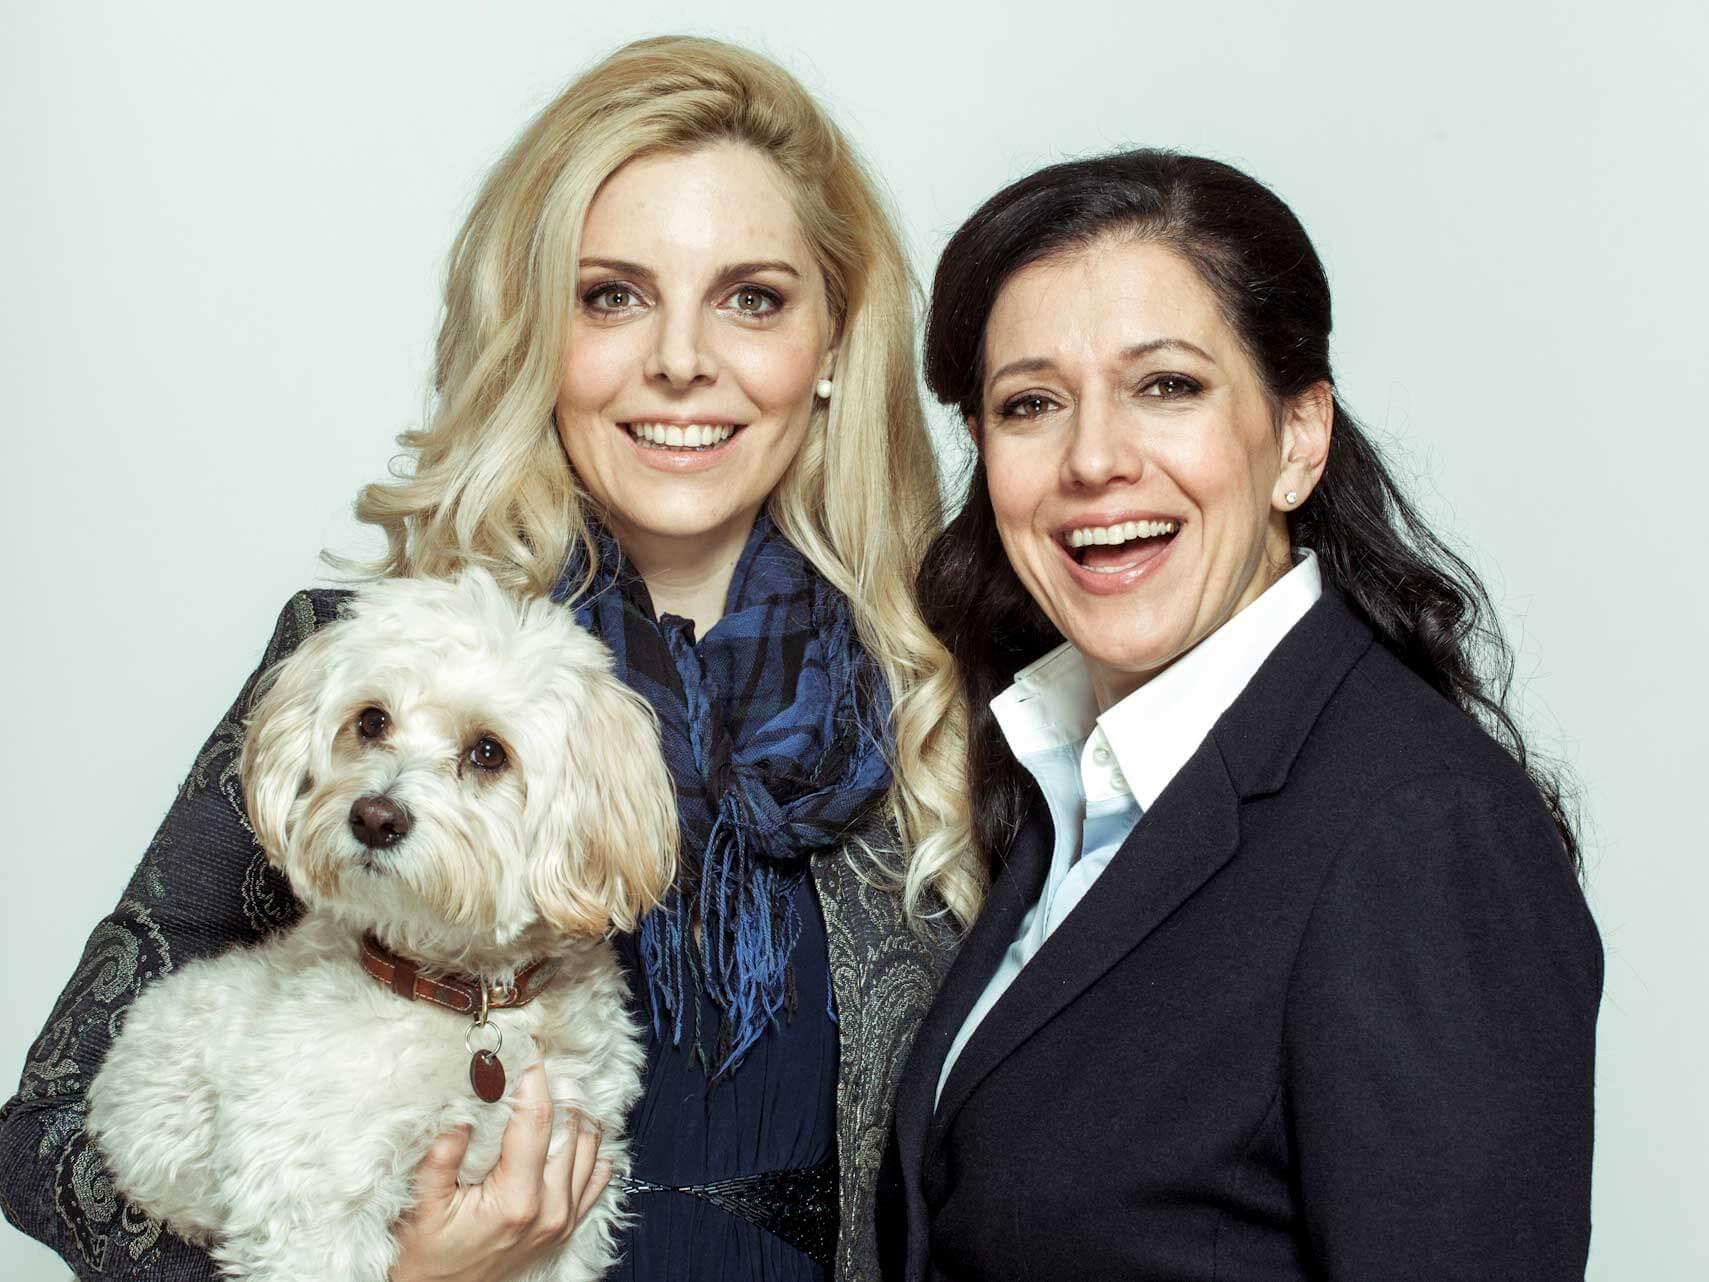 Rechtsanwältinnen Dr. Kristina Venturini und Mag. Larissa Weingärtner - Frauen mit Hund am Arm